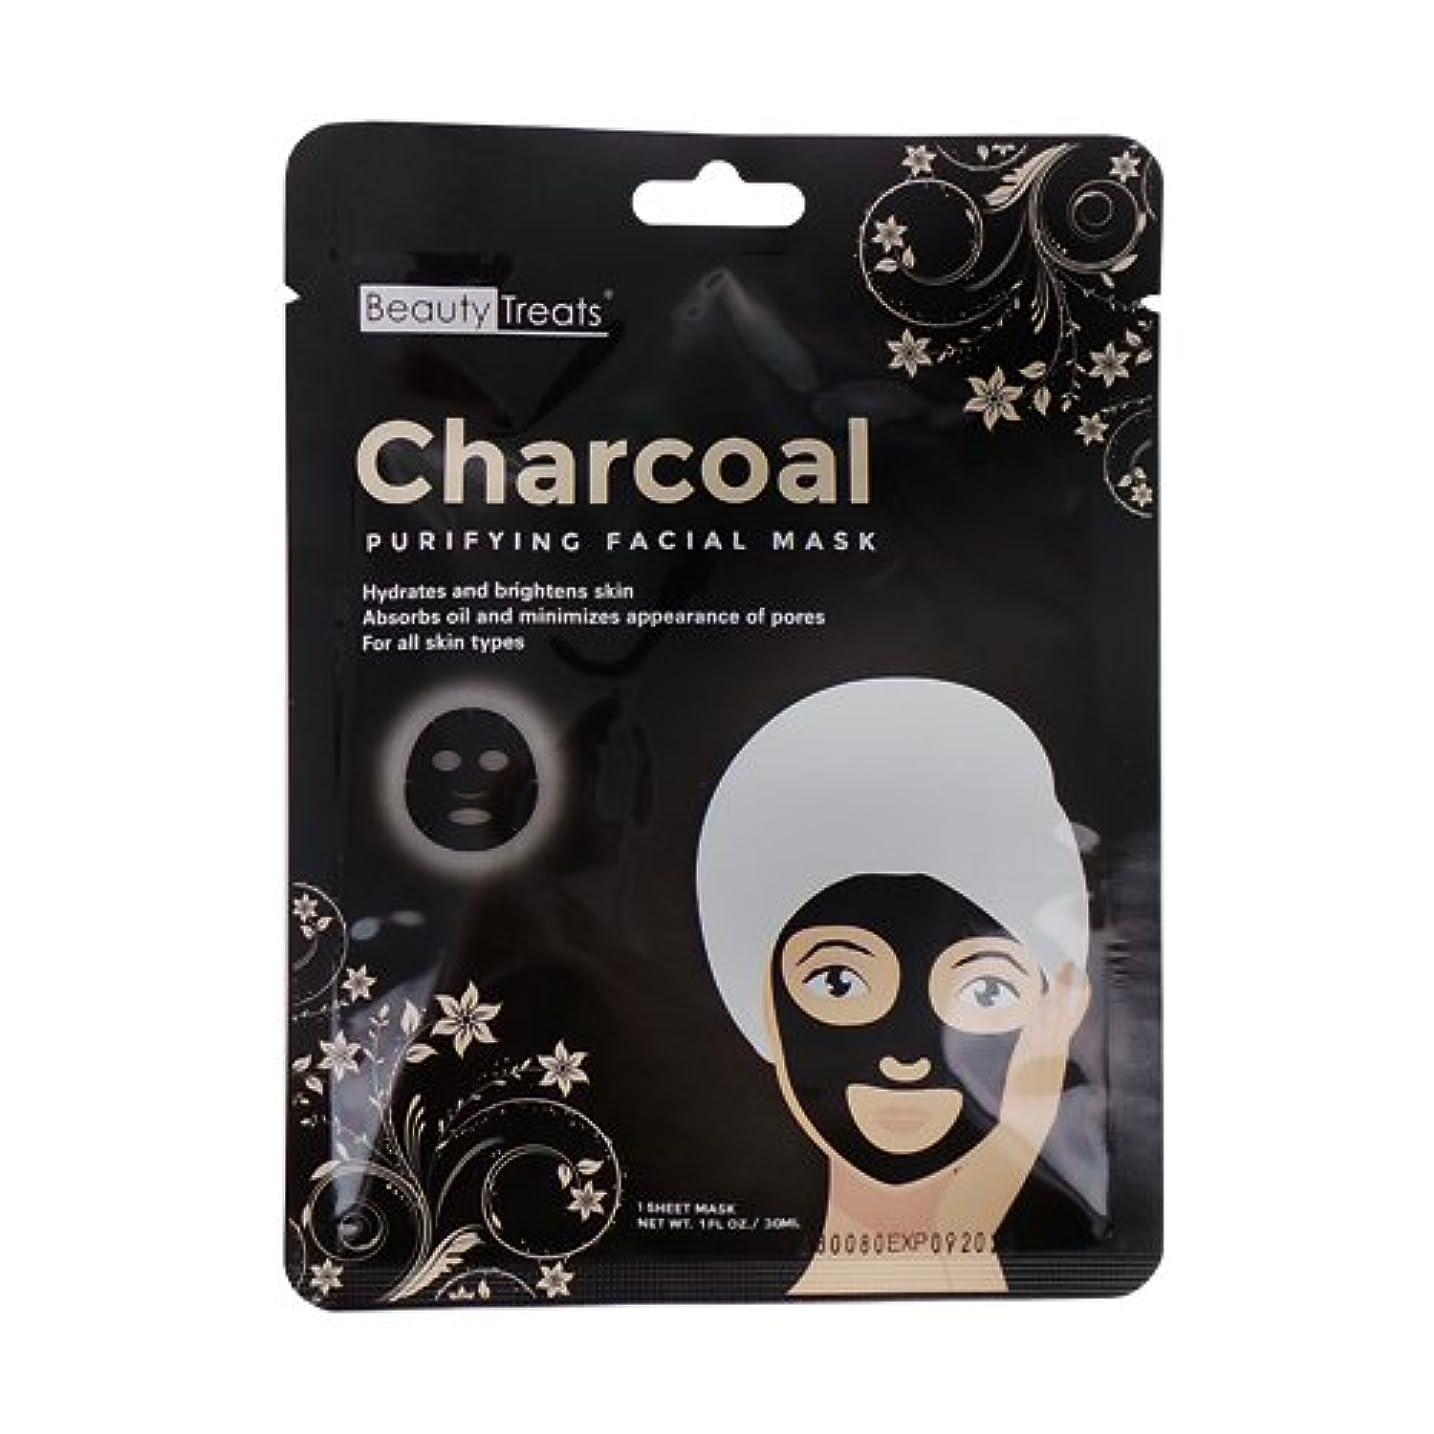 通知するデジタル軍団(6 Pack) BEAUTY TREATS Charcoal Purifying Facial Mask (並行輸入品)